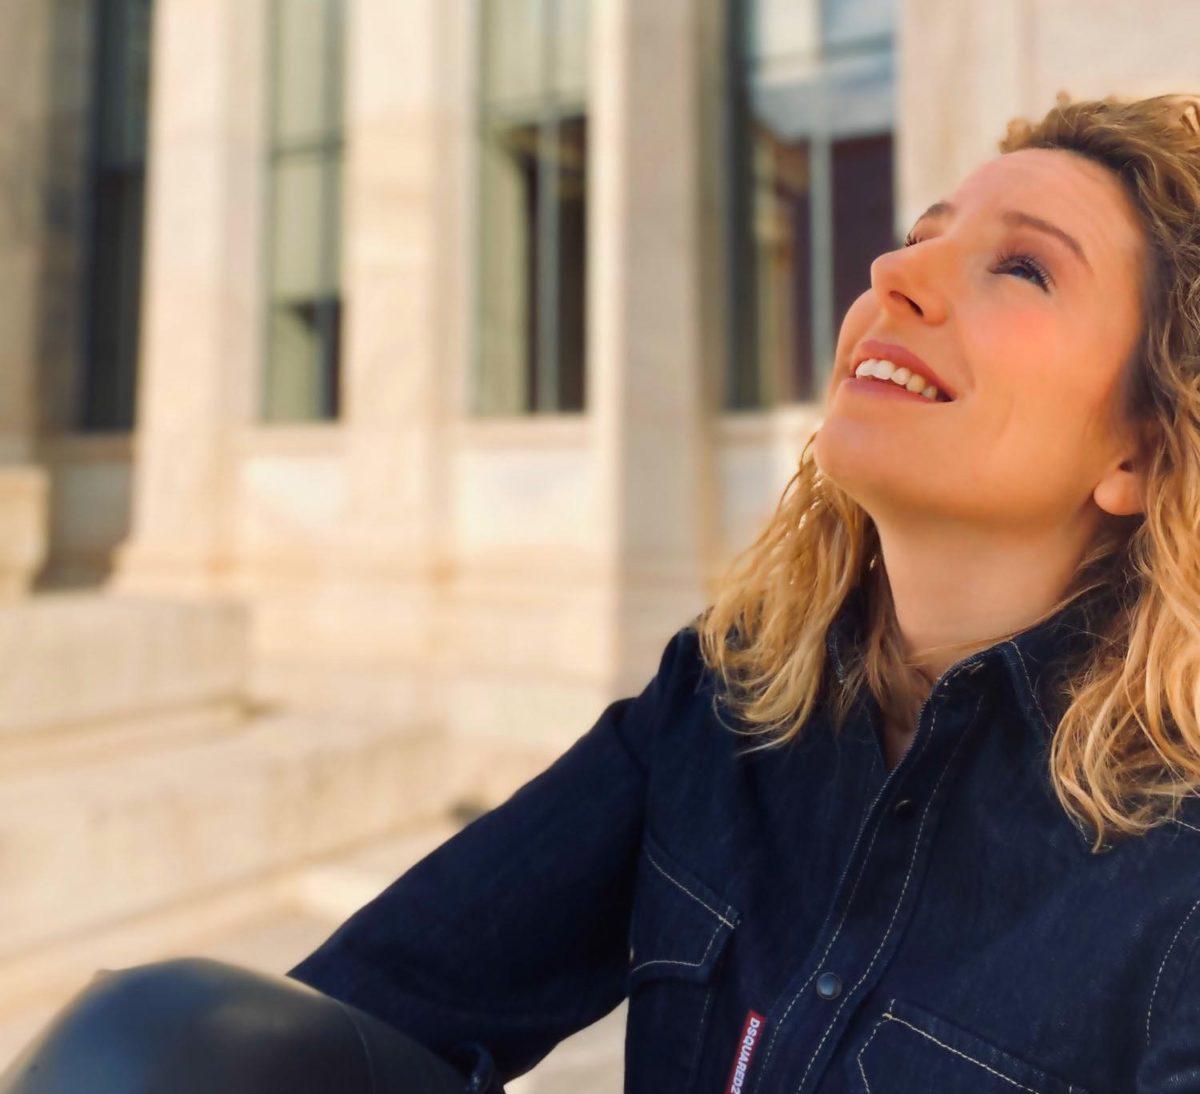 Σοφία Τσίπα: Η δημοσιογράφος μας παρουσιάζει την τρίτη της ποιητική συλλογή | tlife.gr